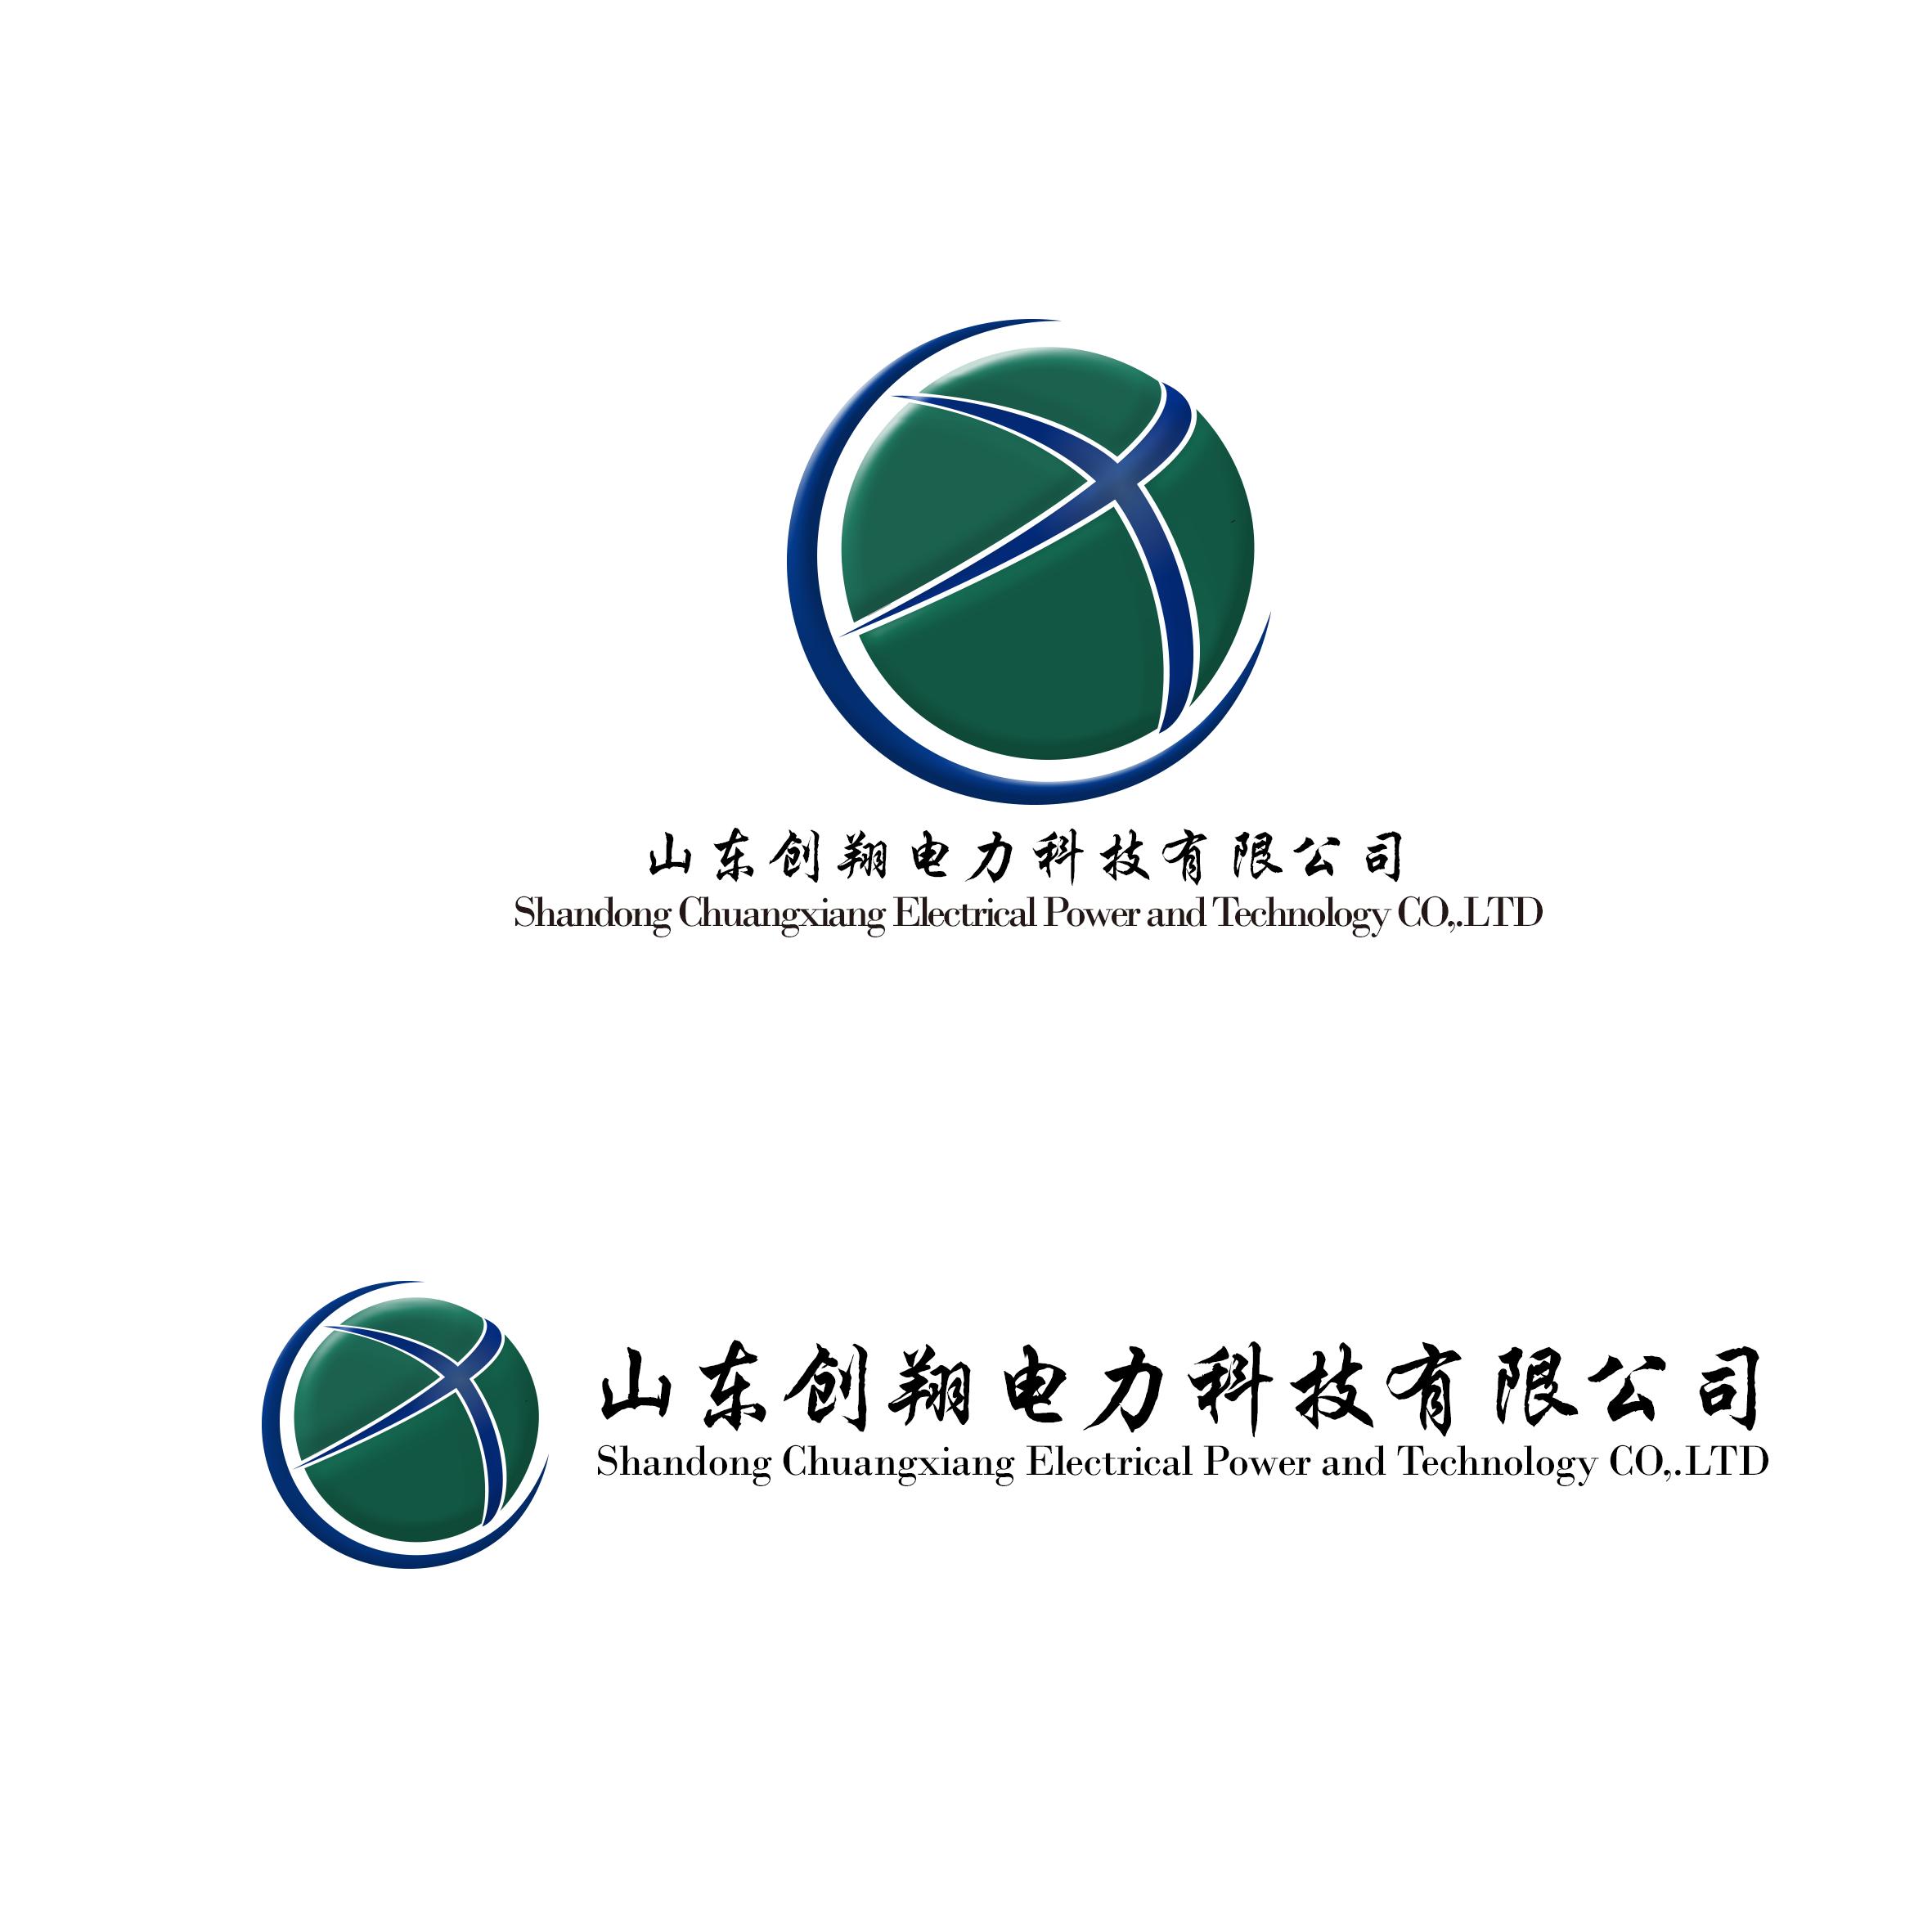 创翔logo图片